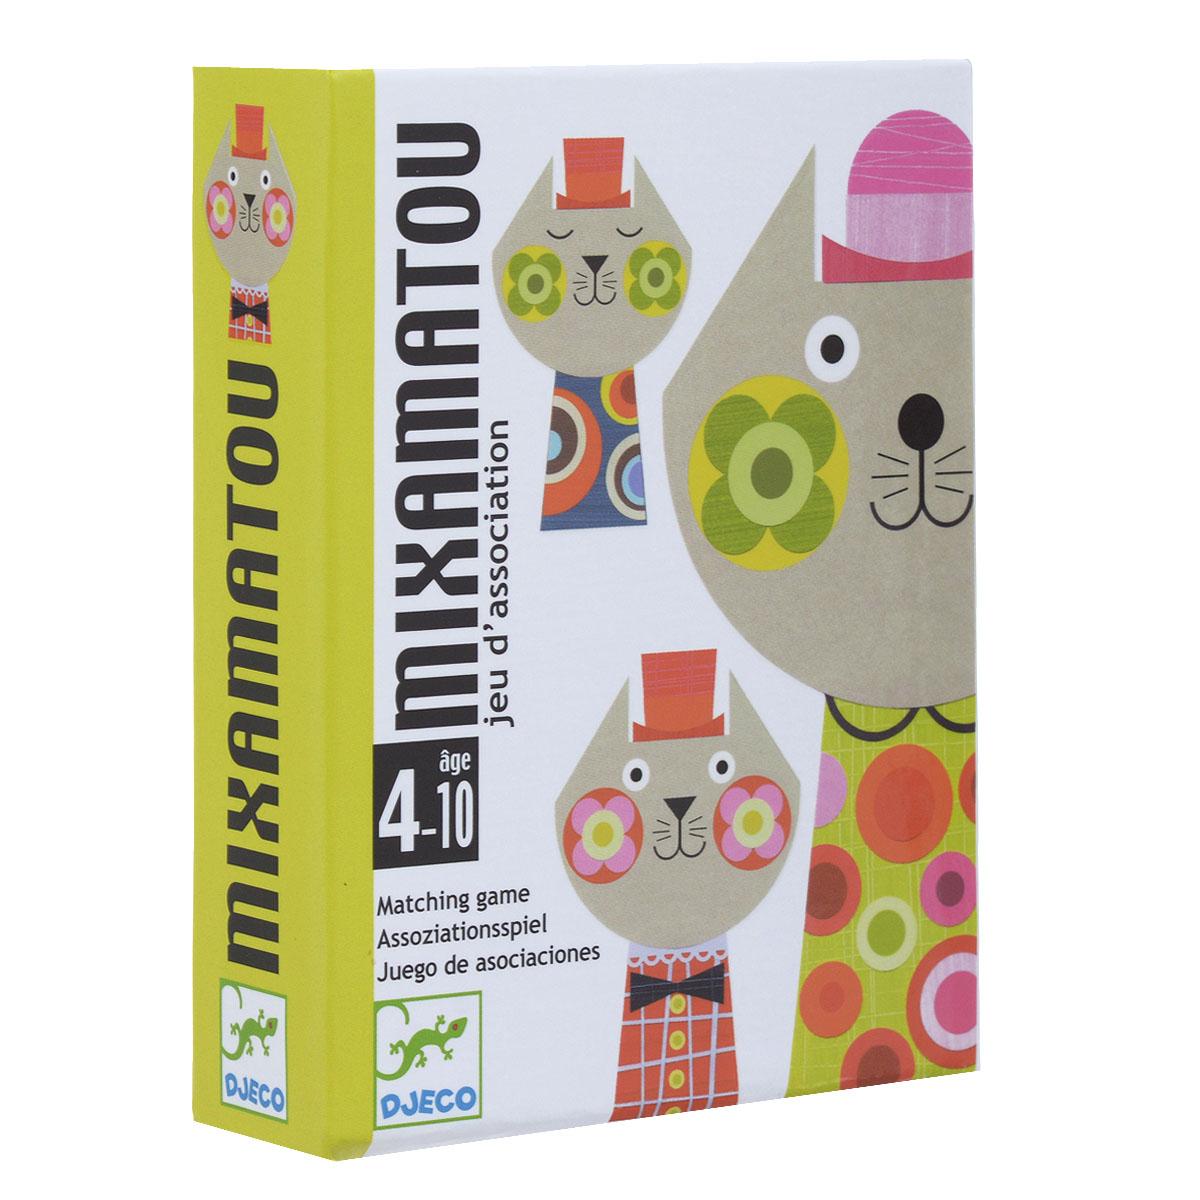 Djeco Карточная игра Миксамато05130Настольная карточная Djeco Миксамато - веселая игра на внимательность и сообразительность для самых маленьких. Комплект игры включает 36 красочных карт, оформленных рисунками в виде забавных кошек, и правила игры на русском языке. Цель игры – составить различные варианты кошек таким образом, чтобы первым избавиться от всех карточек. Такая же шапочка, такие же щечки или такая же кофточка: три способа соединять котиков и сбрасывать карты, чтобы выиграть. Тот, у кого не осталось ни одной карточки, и становится победителем. Все изображения созданы современными французскими художниками. Рекомендуемый возраст: от 4 до 10 лет. Продолжительность игры: 10 минут.